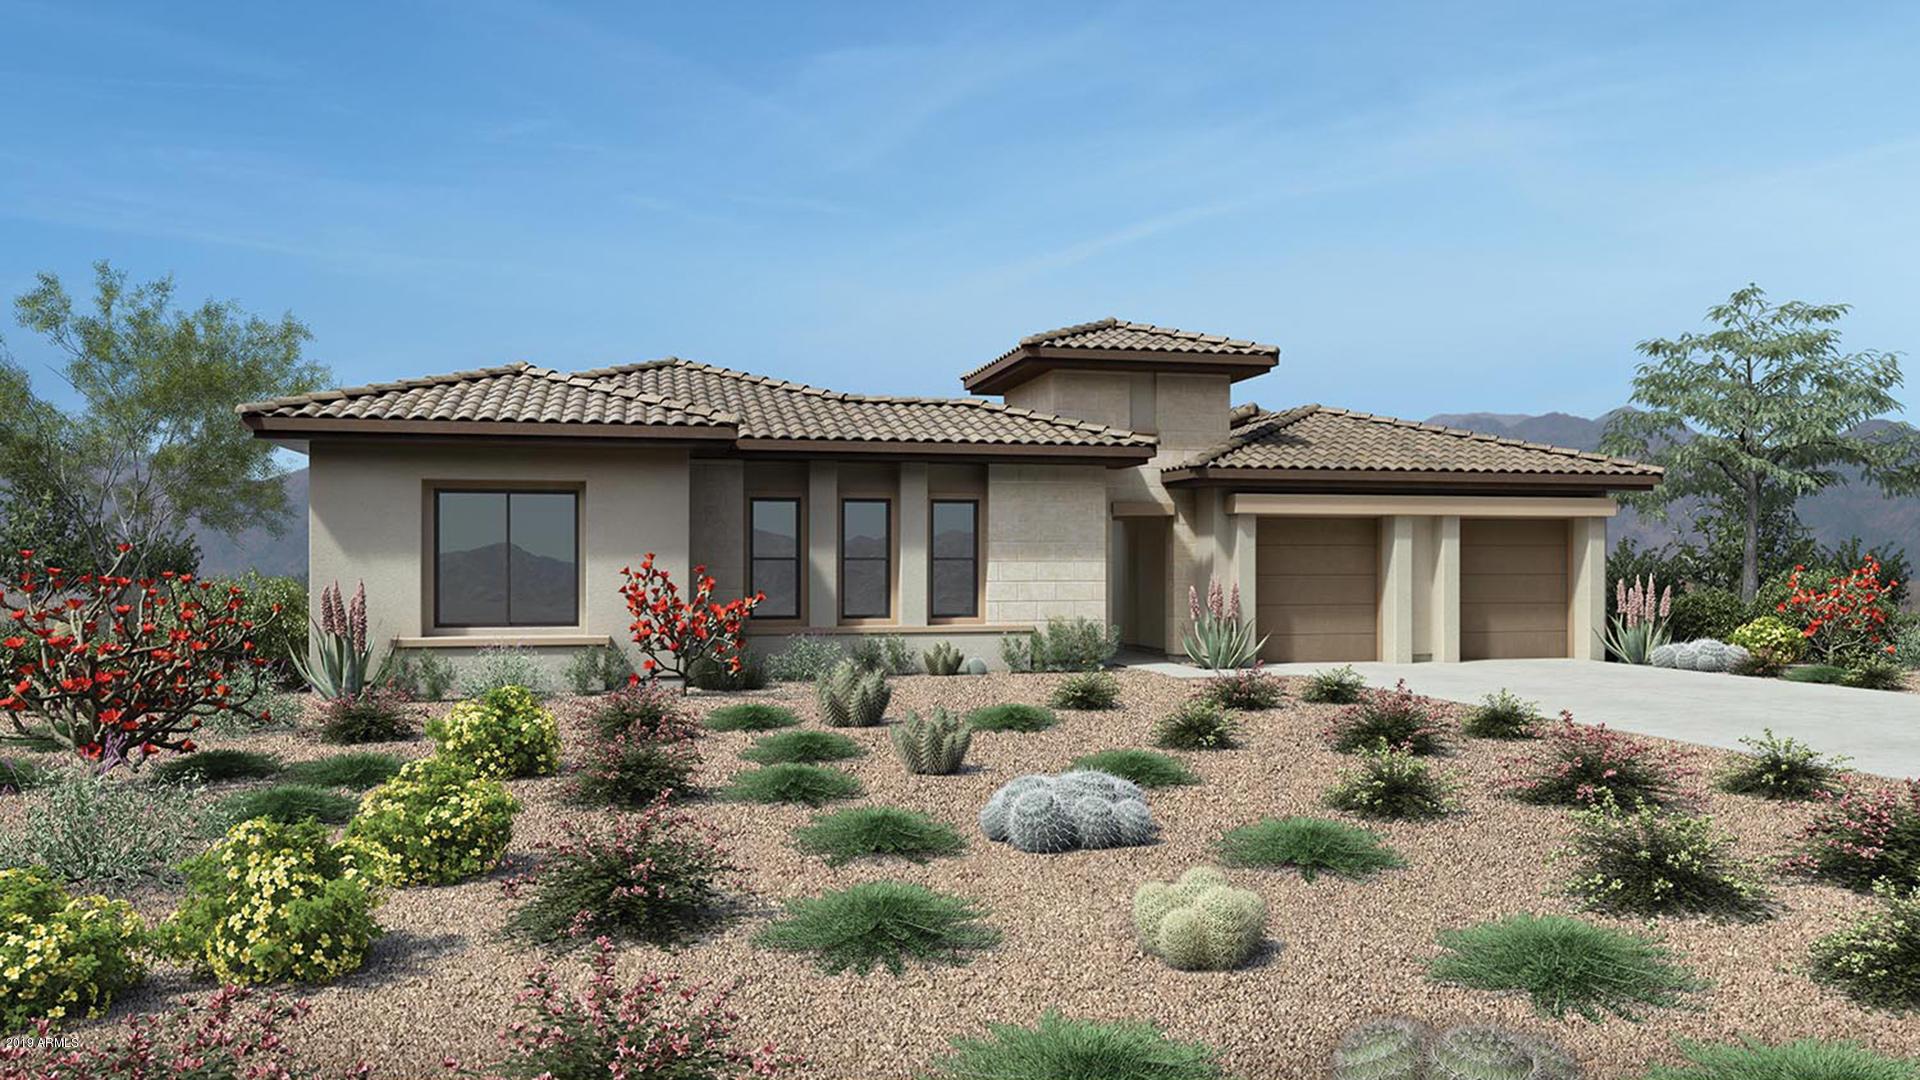 30128 N 117TH Drive, Peoria, Arizona